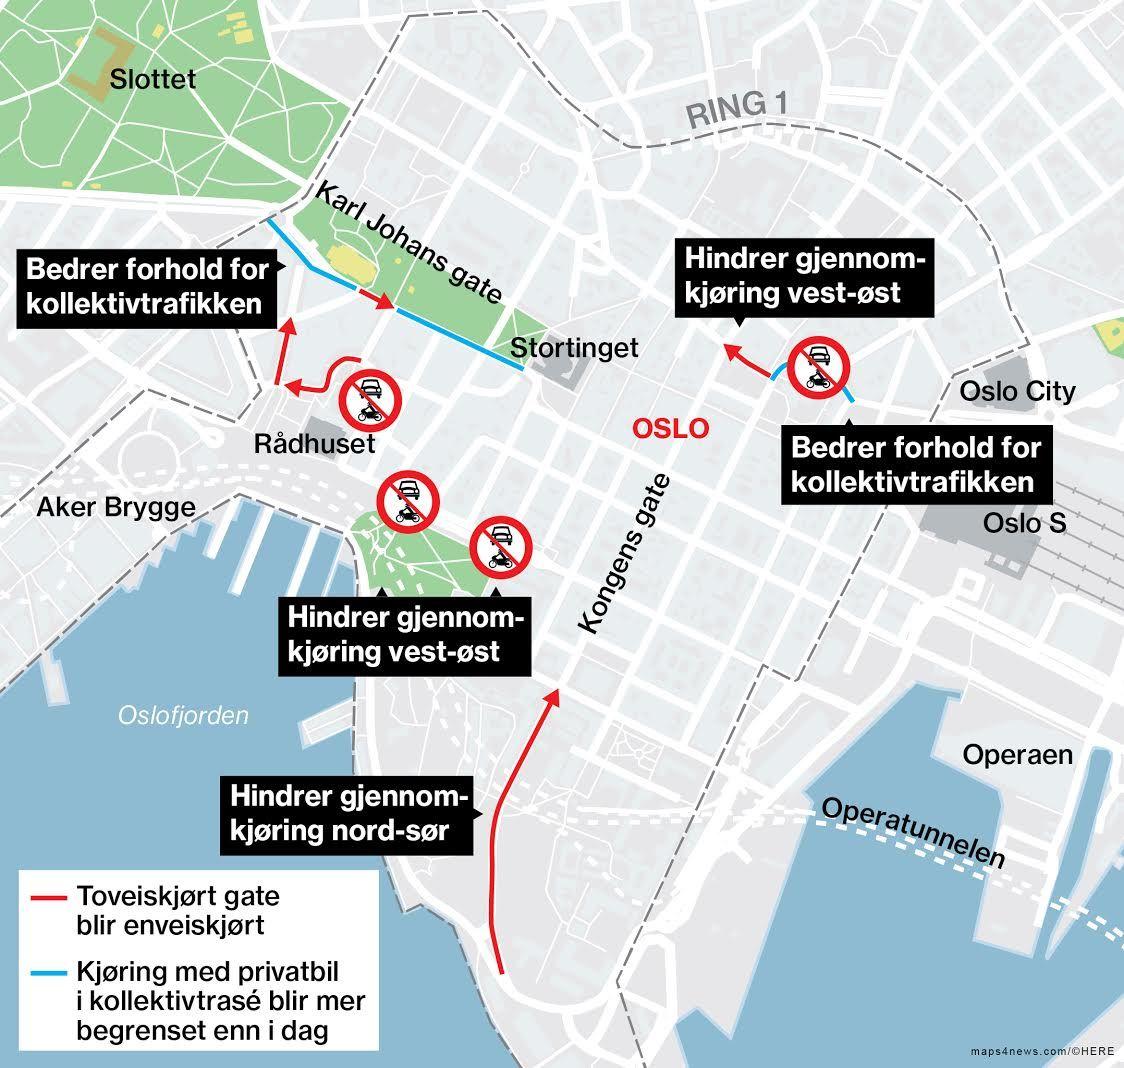 FREMTIDEN: Slik ligger kjøremønsteret an til å bli innenfor Ring 1 hvis byrådet i Oslo får det som det vil.